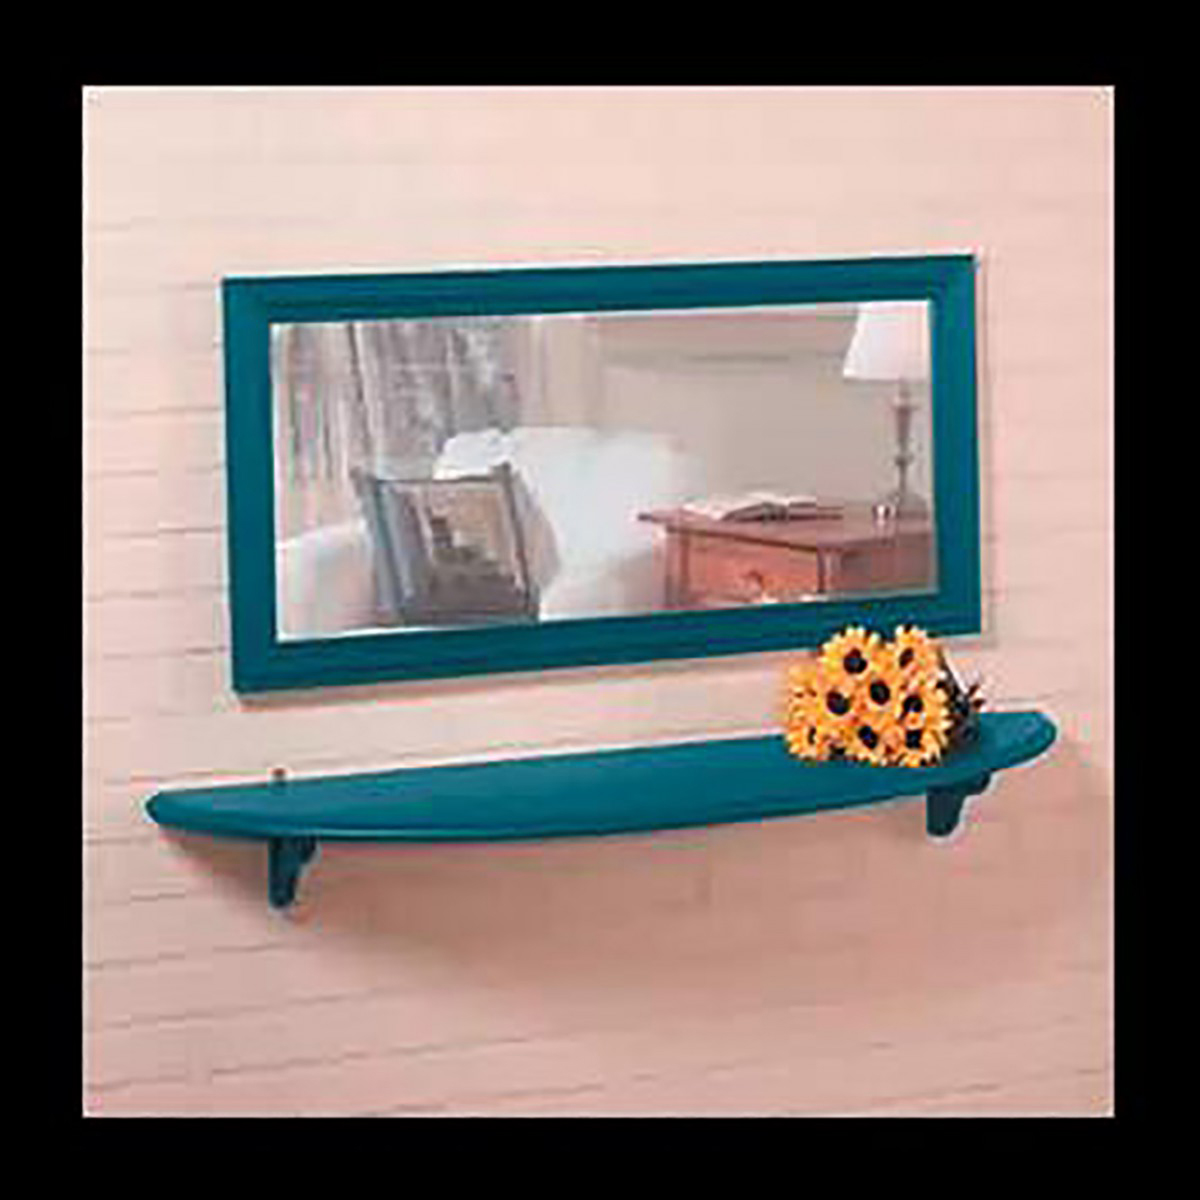 Wall Mounted Bathroom Shelves Country Blue Pine 43 34 Inches Wall Mounted Bathroom Shelves Shelf Bathroom Shelves